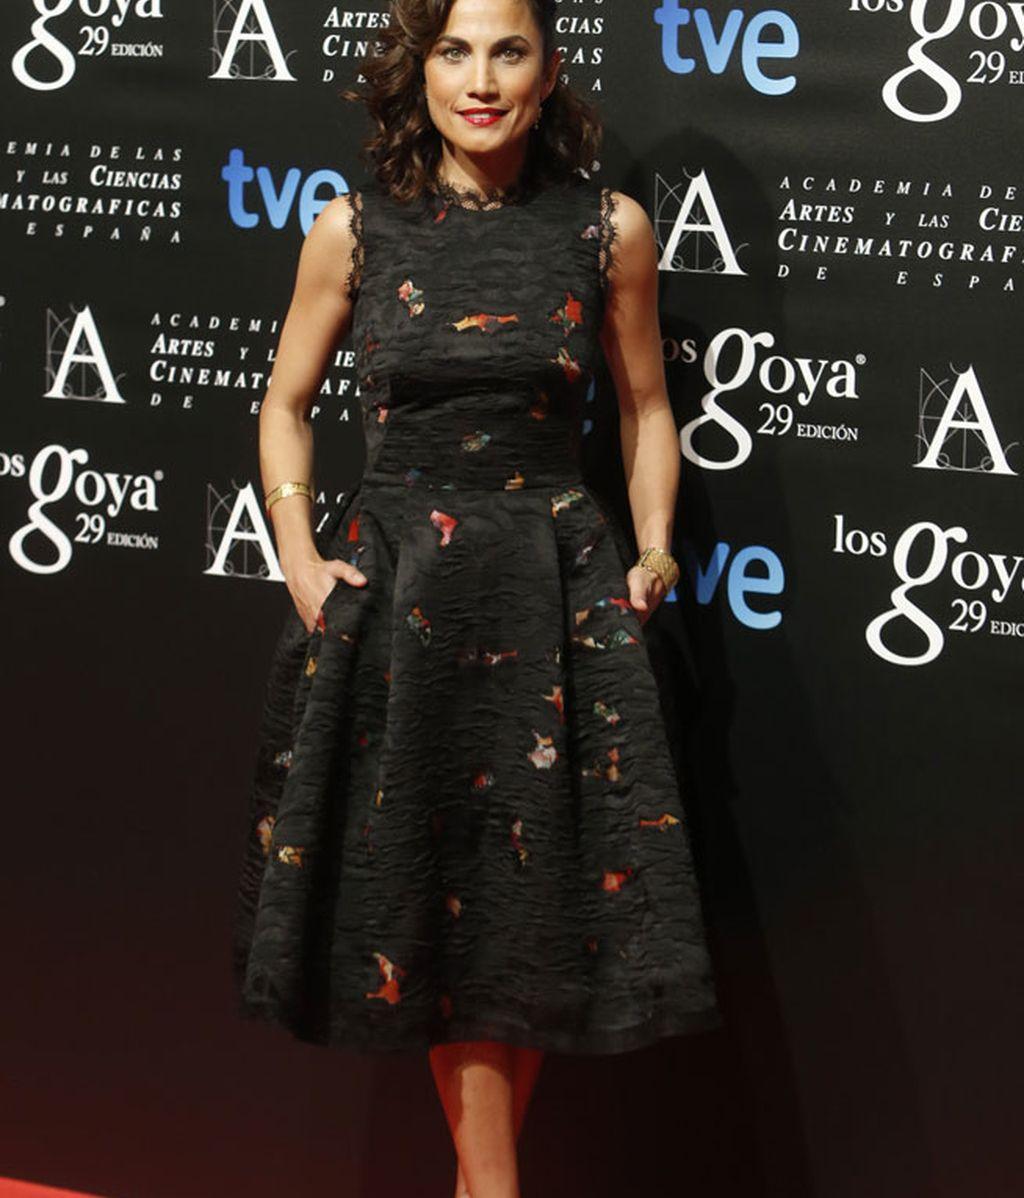 Toni Acosta fue la presentadora de la gala